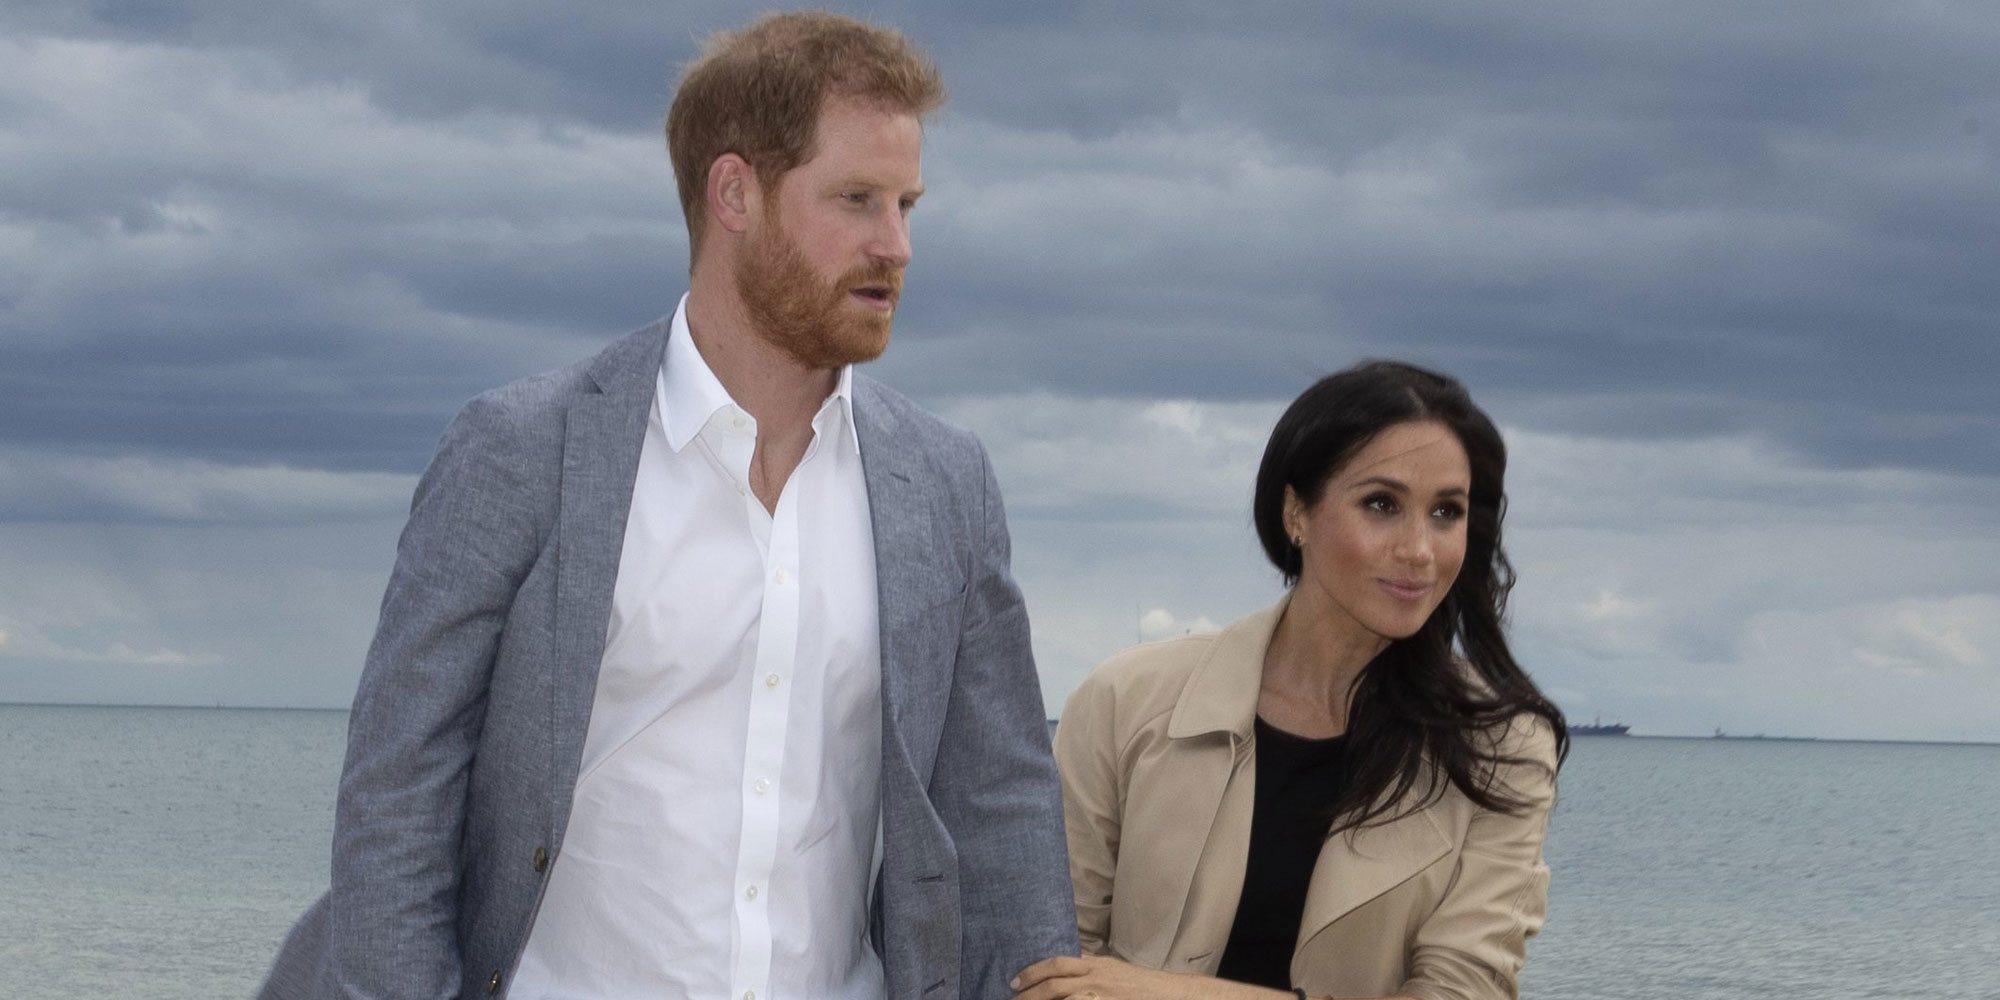 La carta con la que el Príncipe Harry y Meghan rompen su relación con cuatro medios británicos